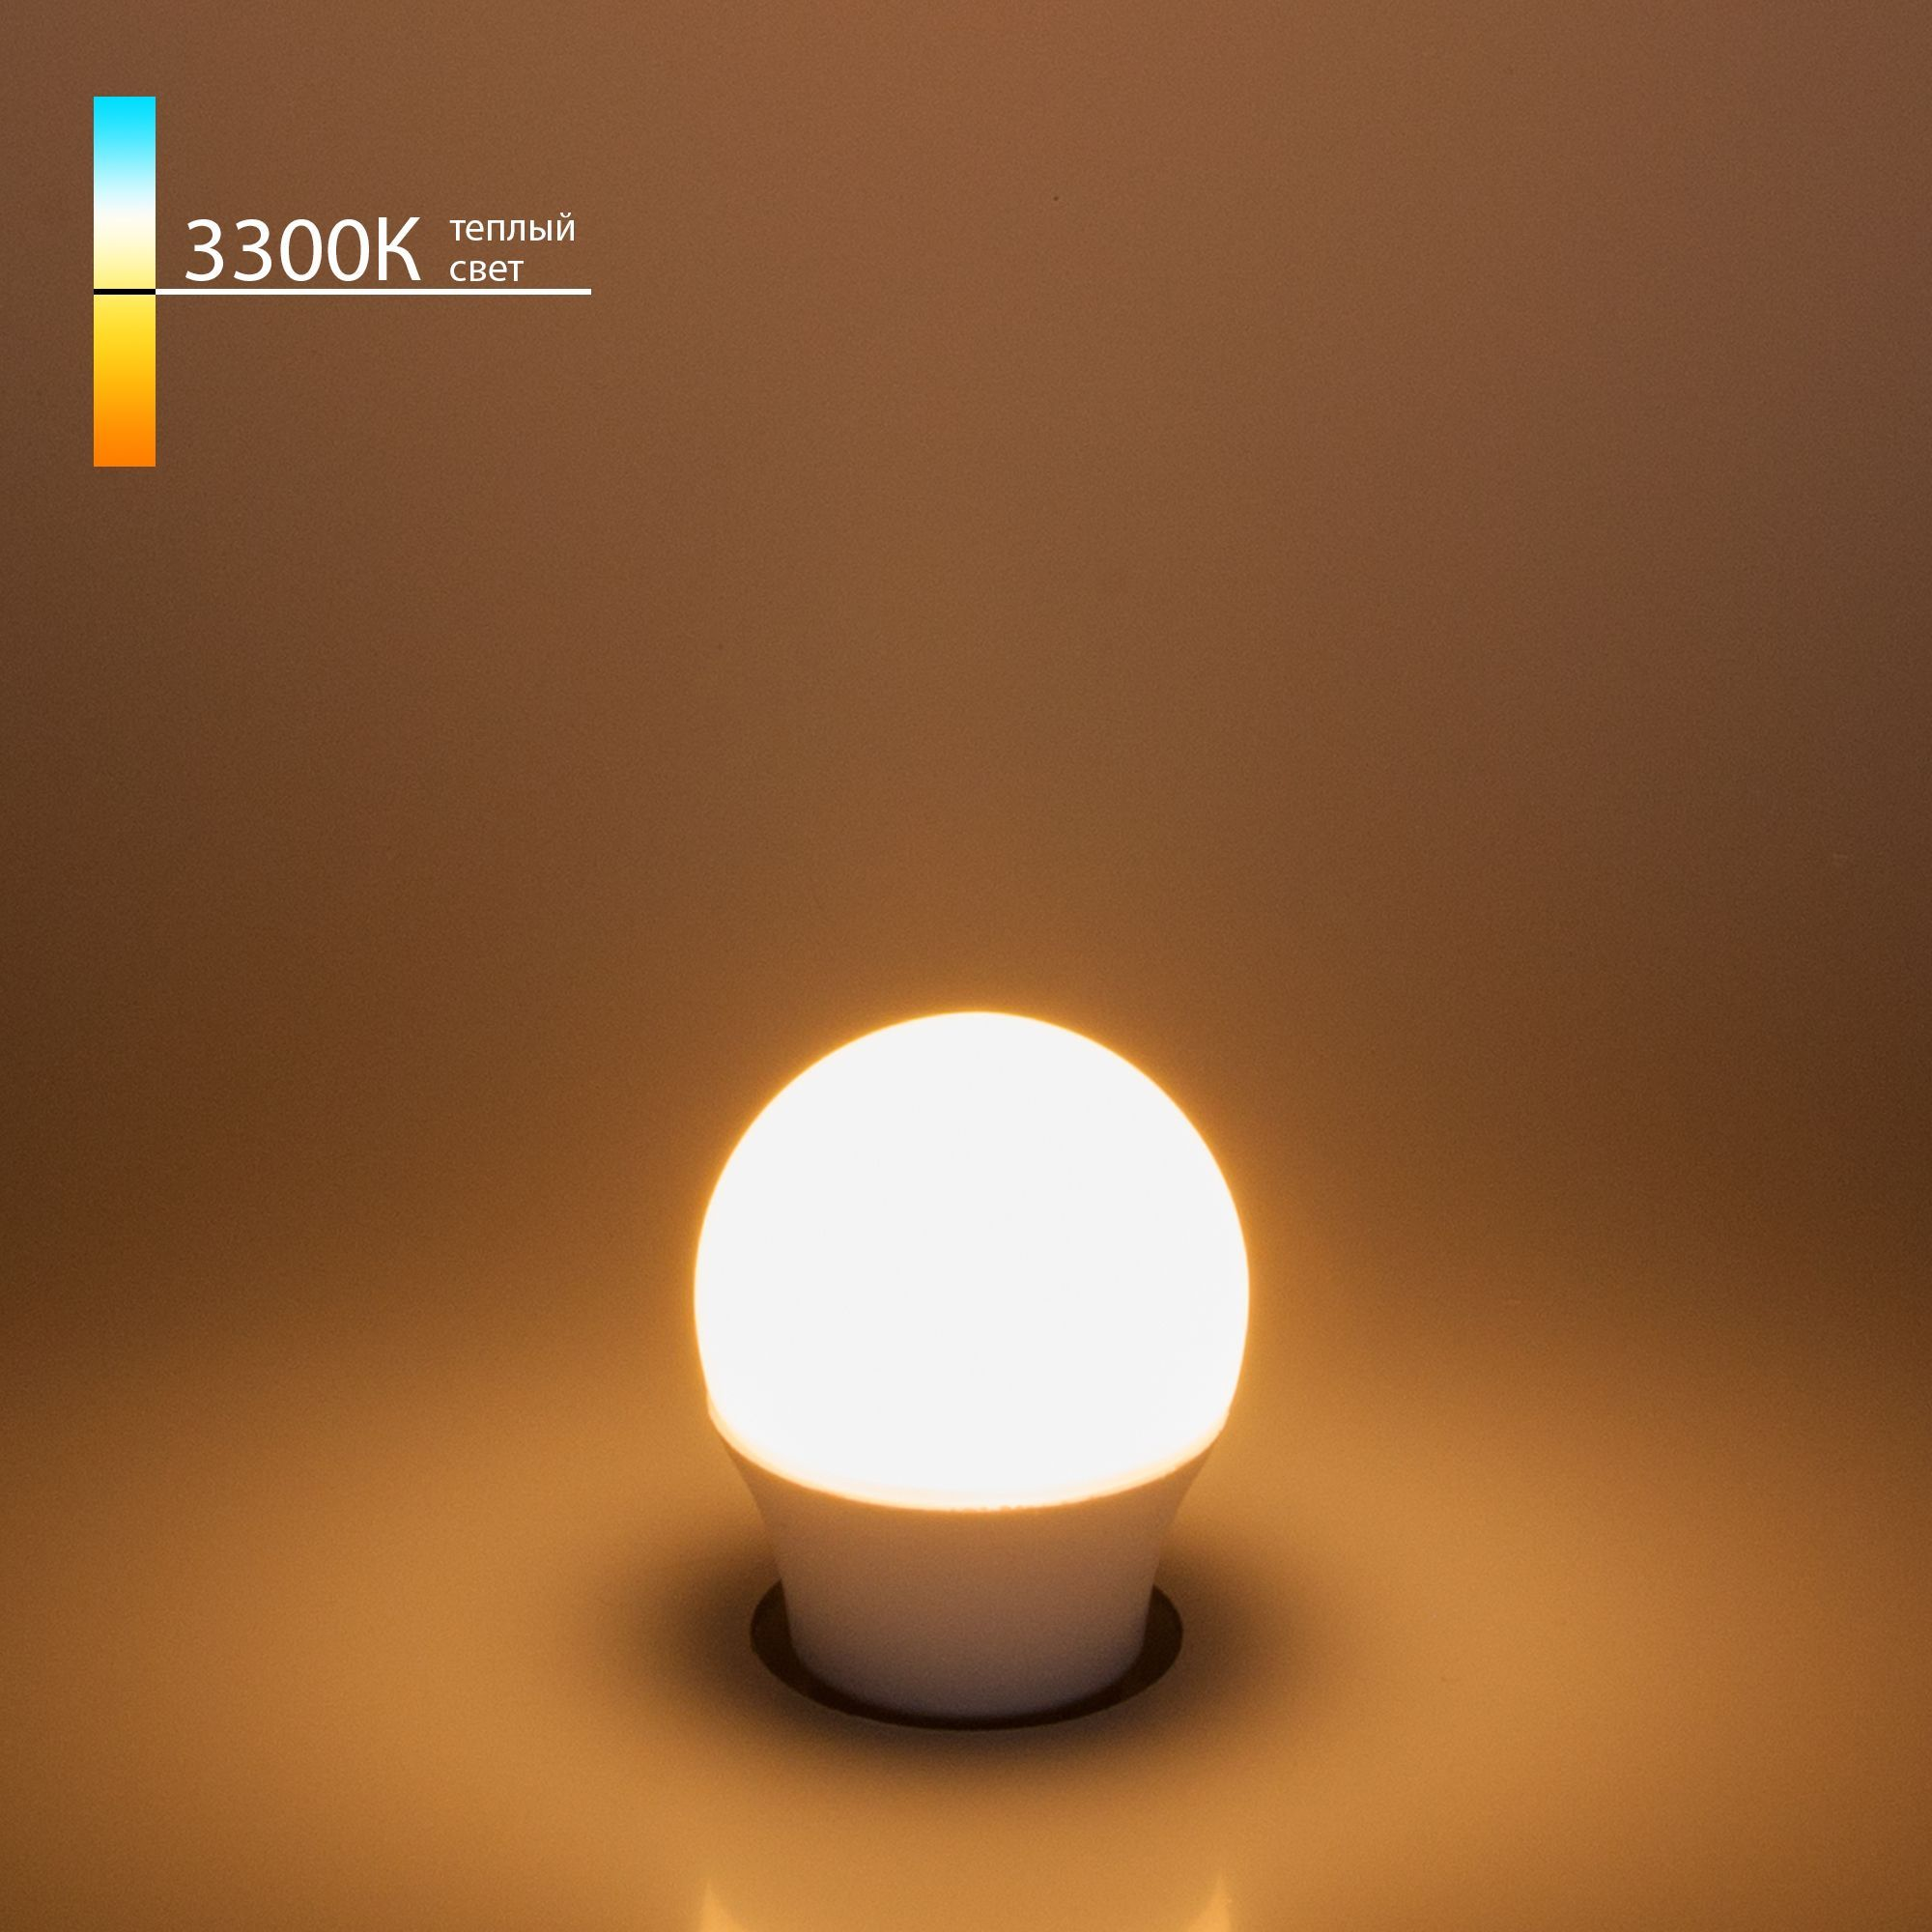 Светодиодная лампа G45 7W 3300K E27 Mini Classic LED 7W 3300K E27 матовое стекло